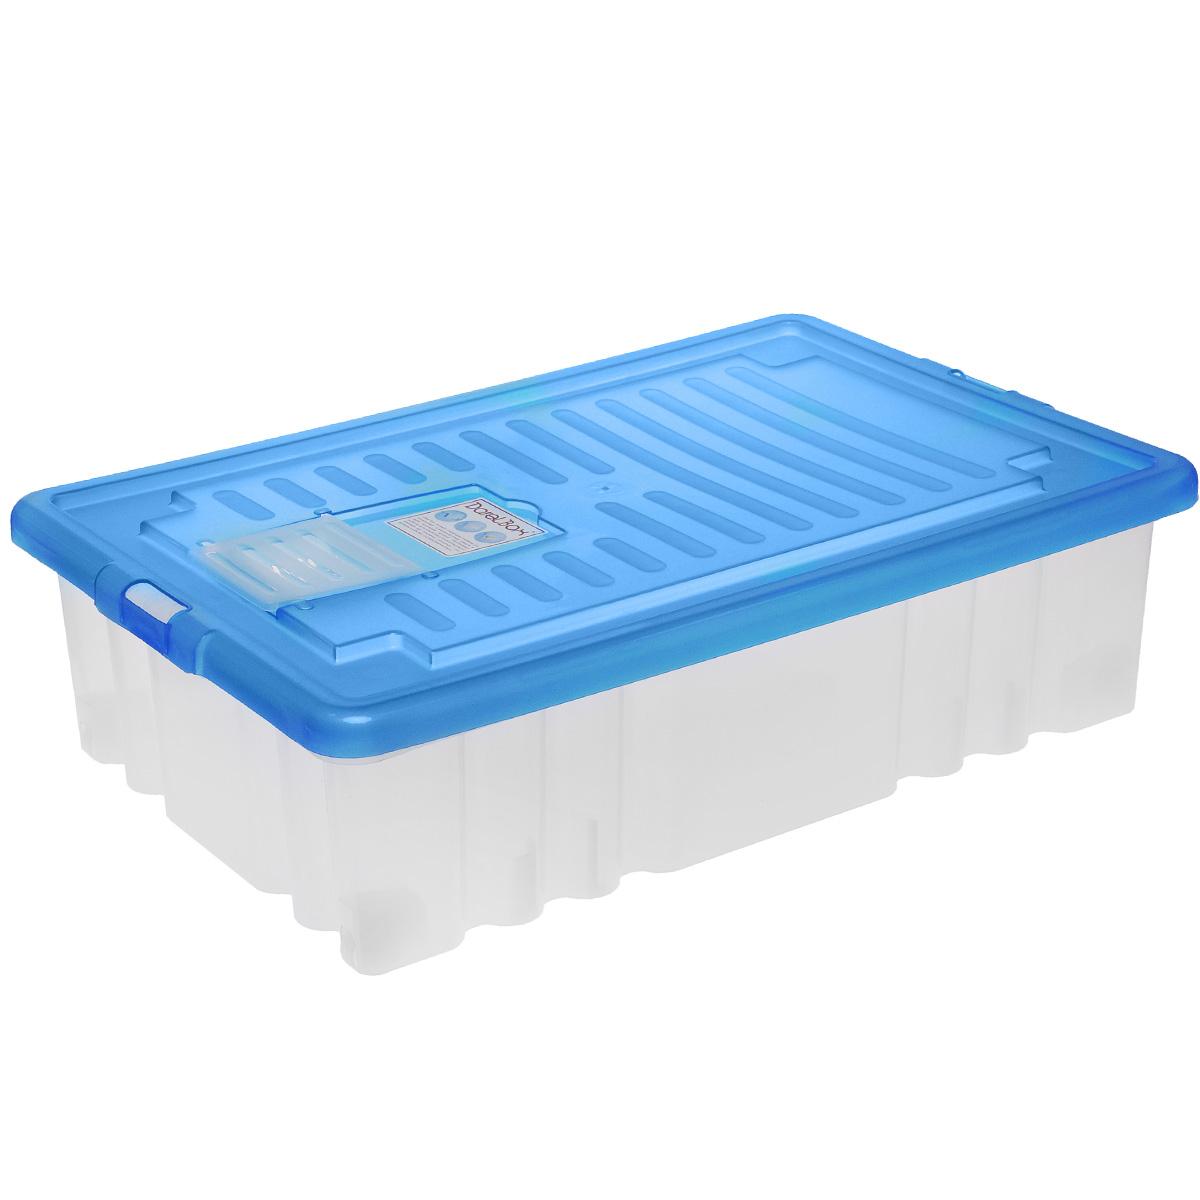 Ящик Darel Box, с крышкой, цвет: синий, прозрачный, 36 л ящик darel box с крышкой цвет салатовый прозрачный 18 л